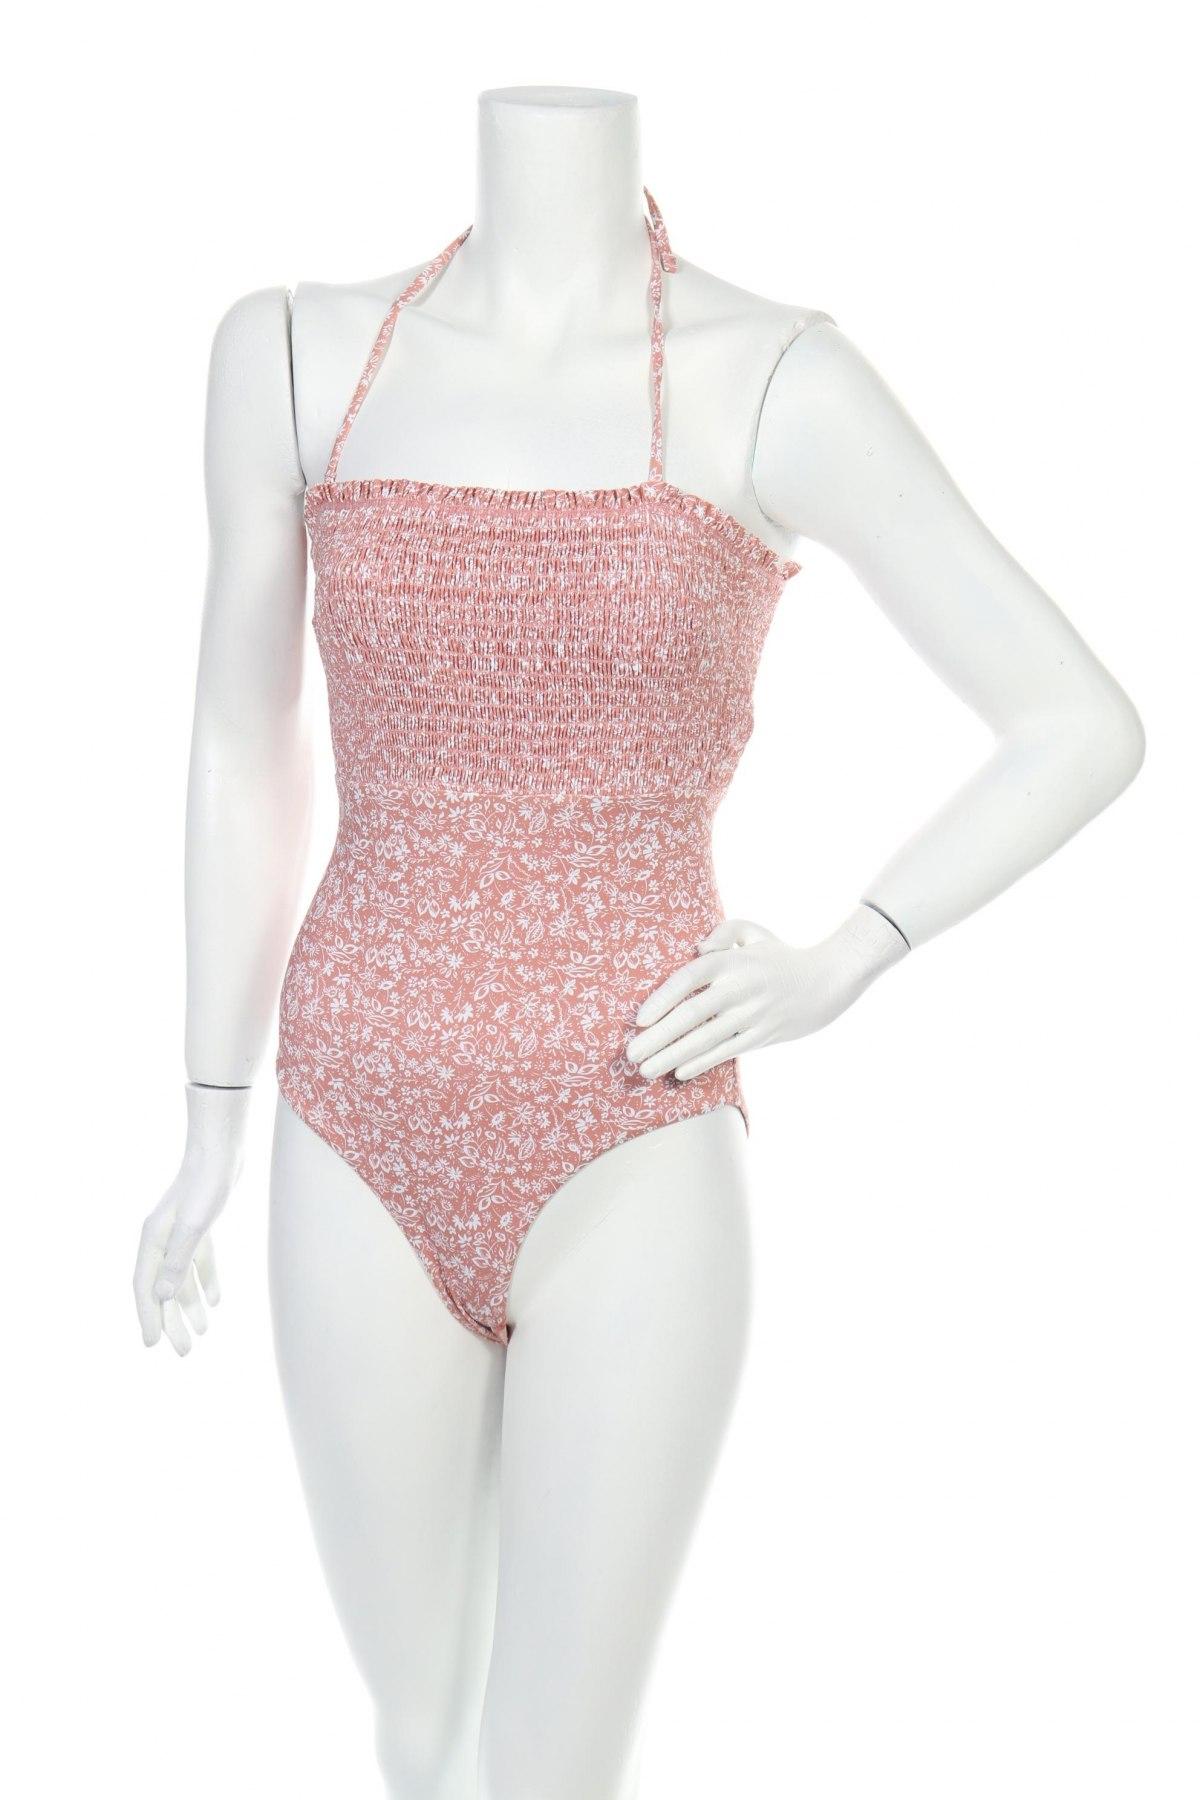 Дамски бански Pieces, Размер M, Цвят Розов, 87% полиамид, 13% еластан, Цена 30,87лв.